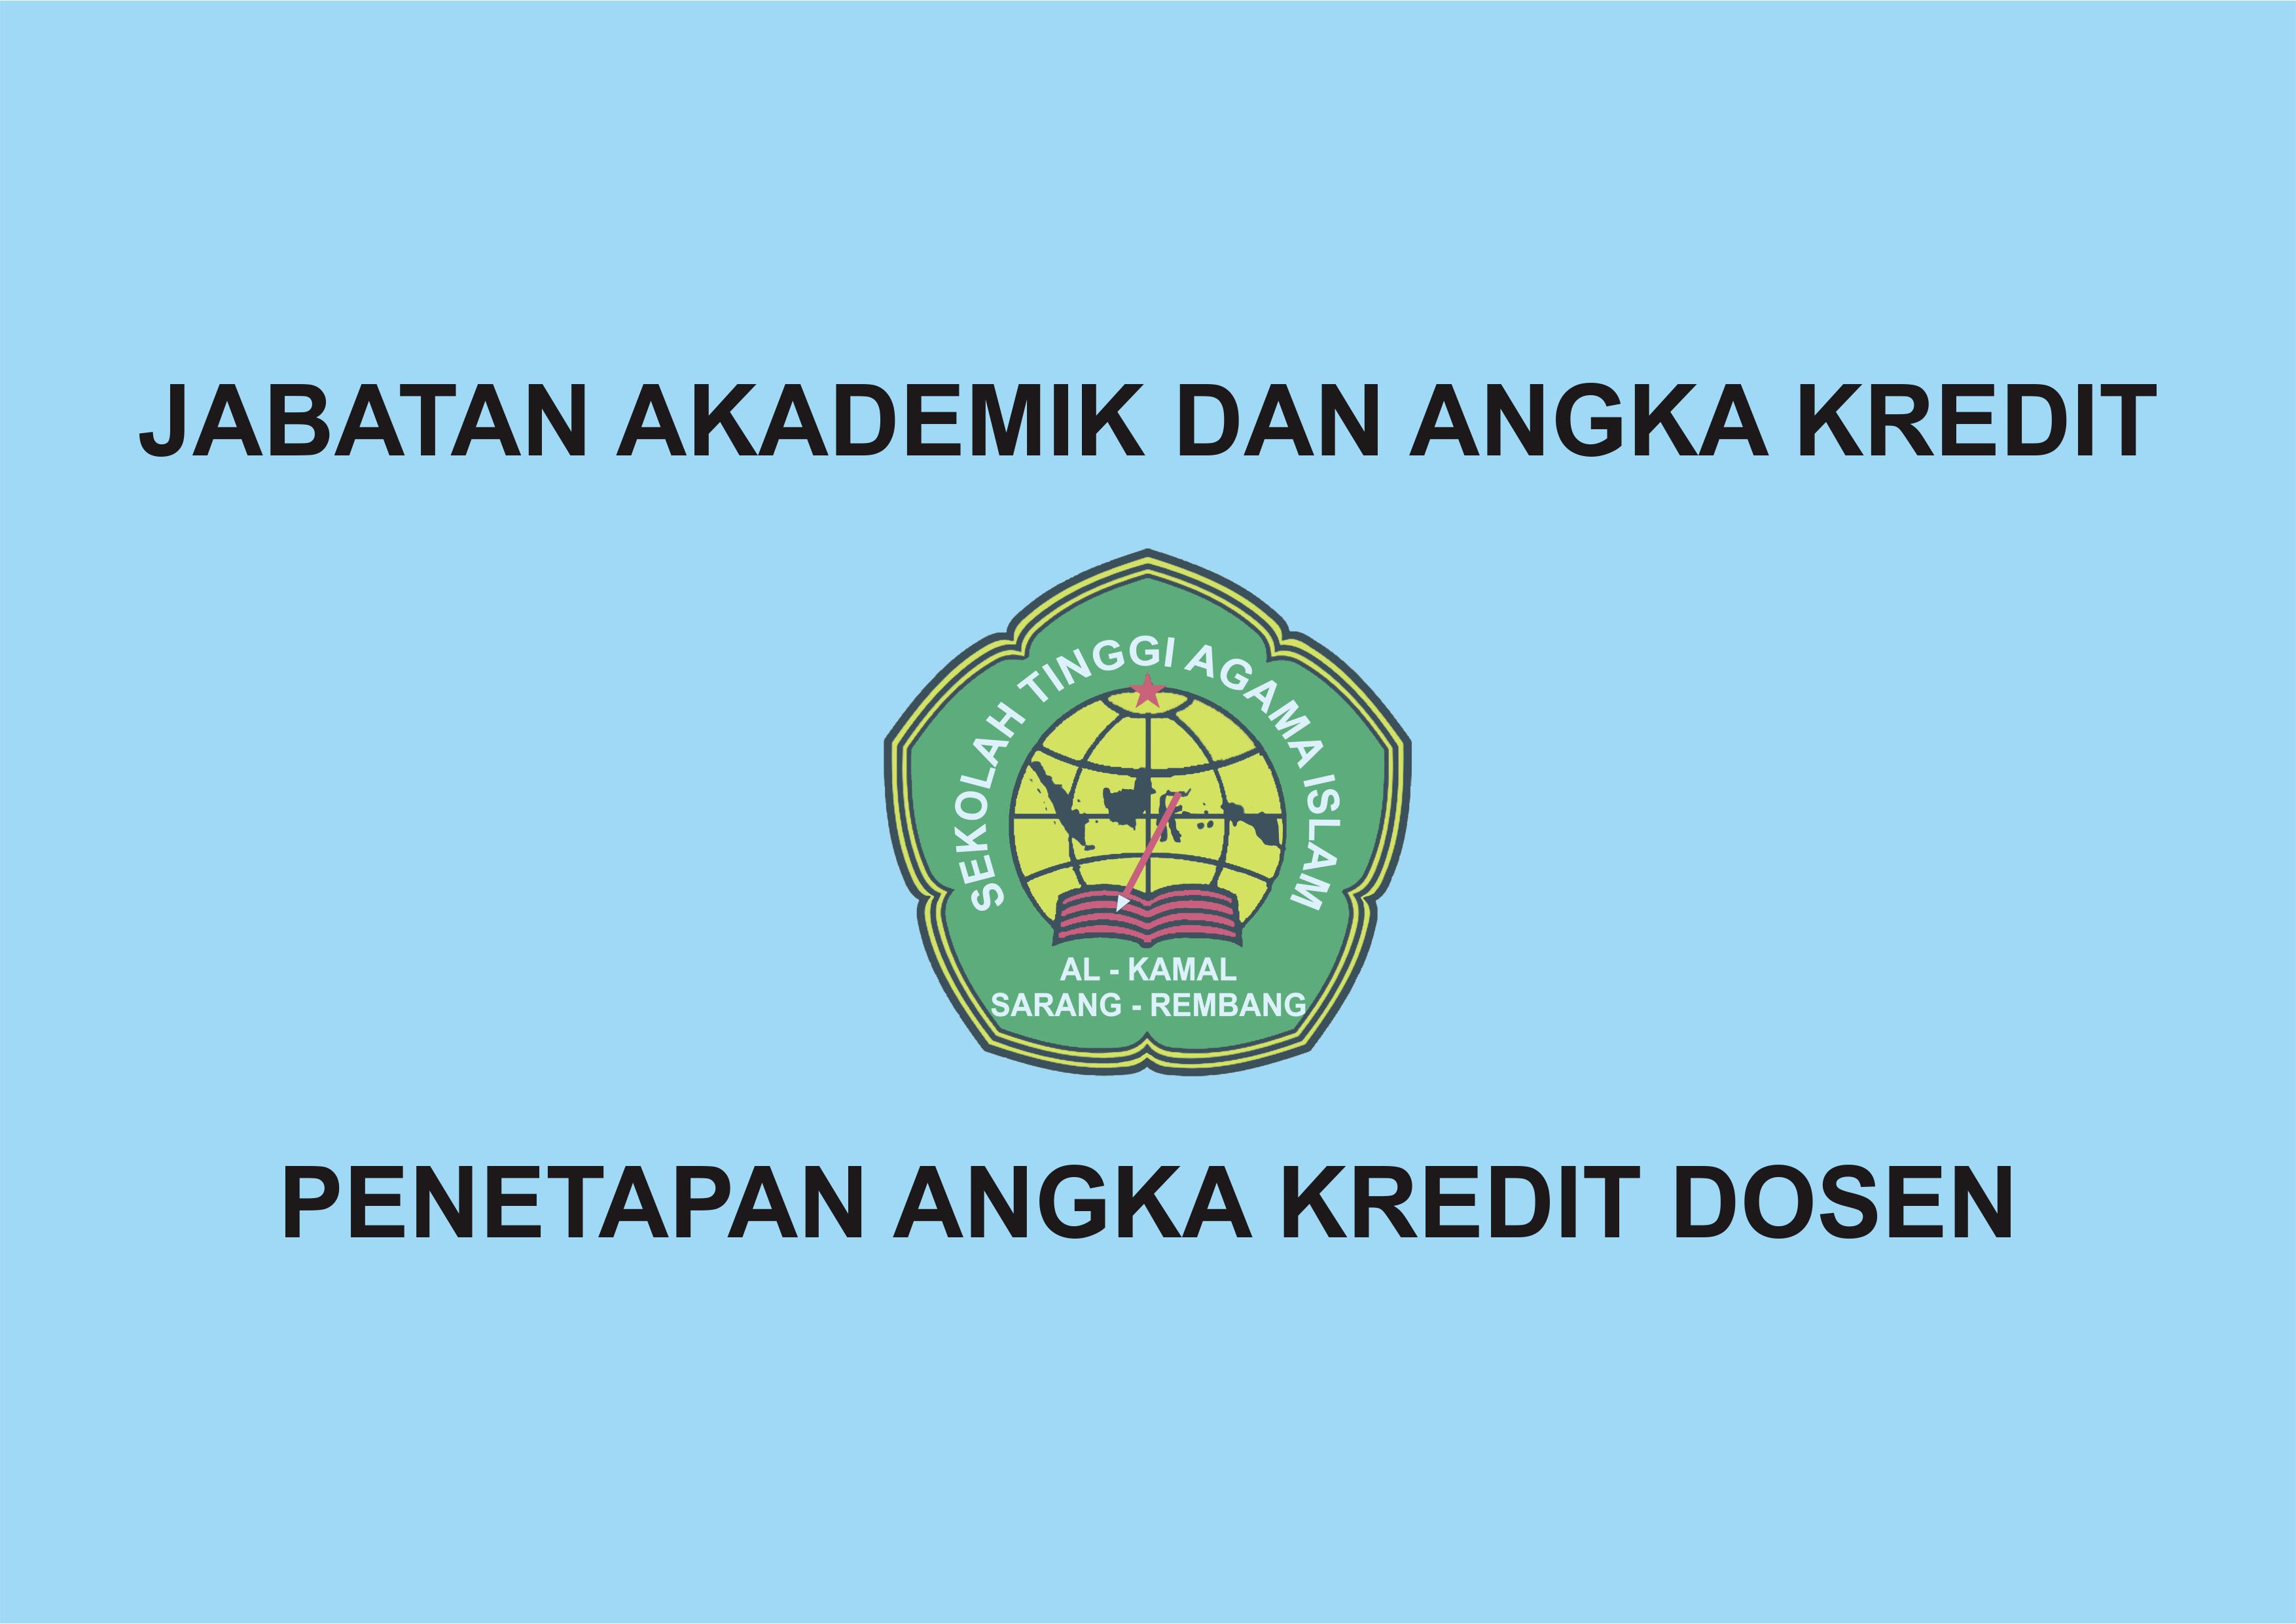 Penetapan Angka Kredit (P A K)